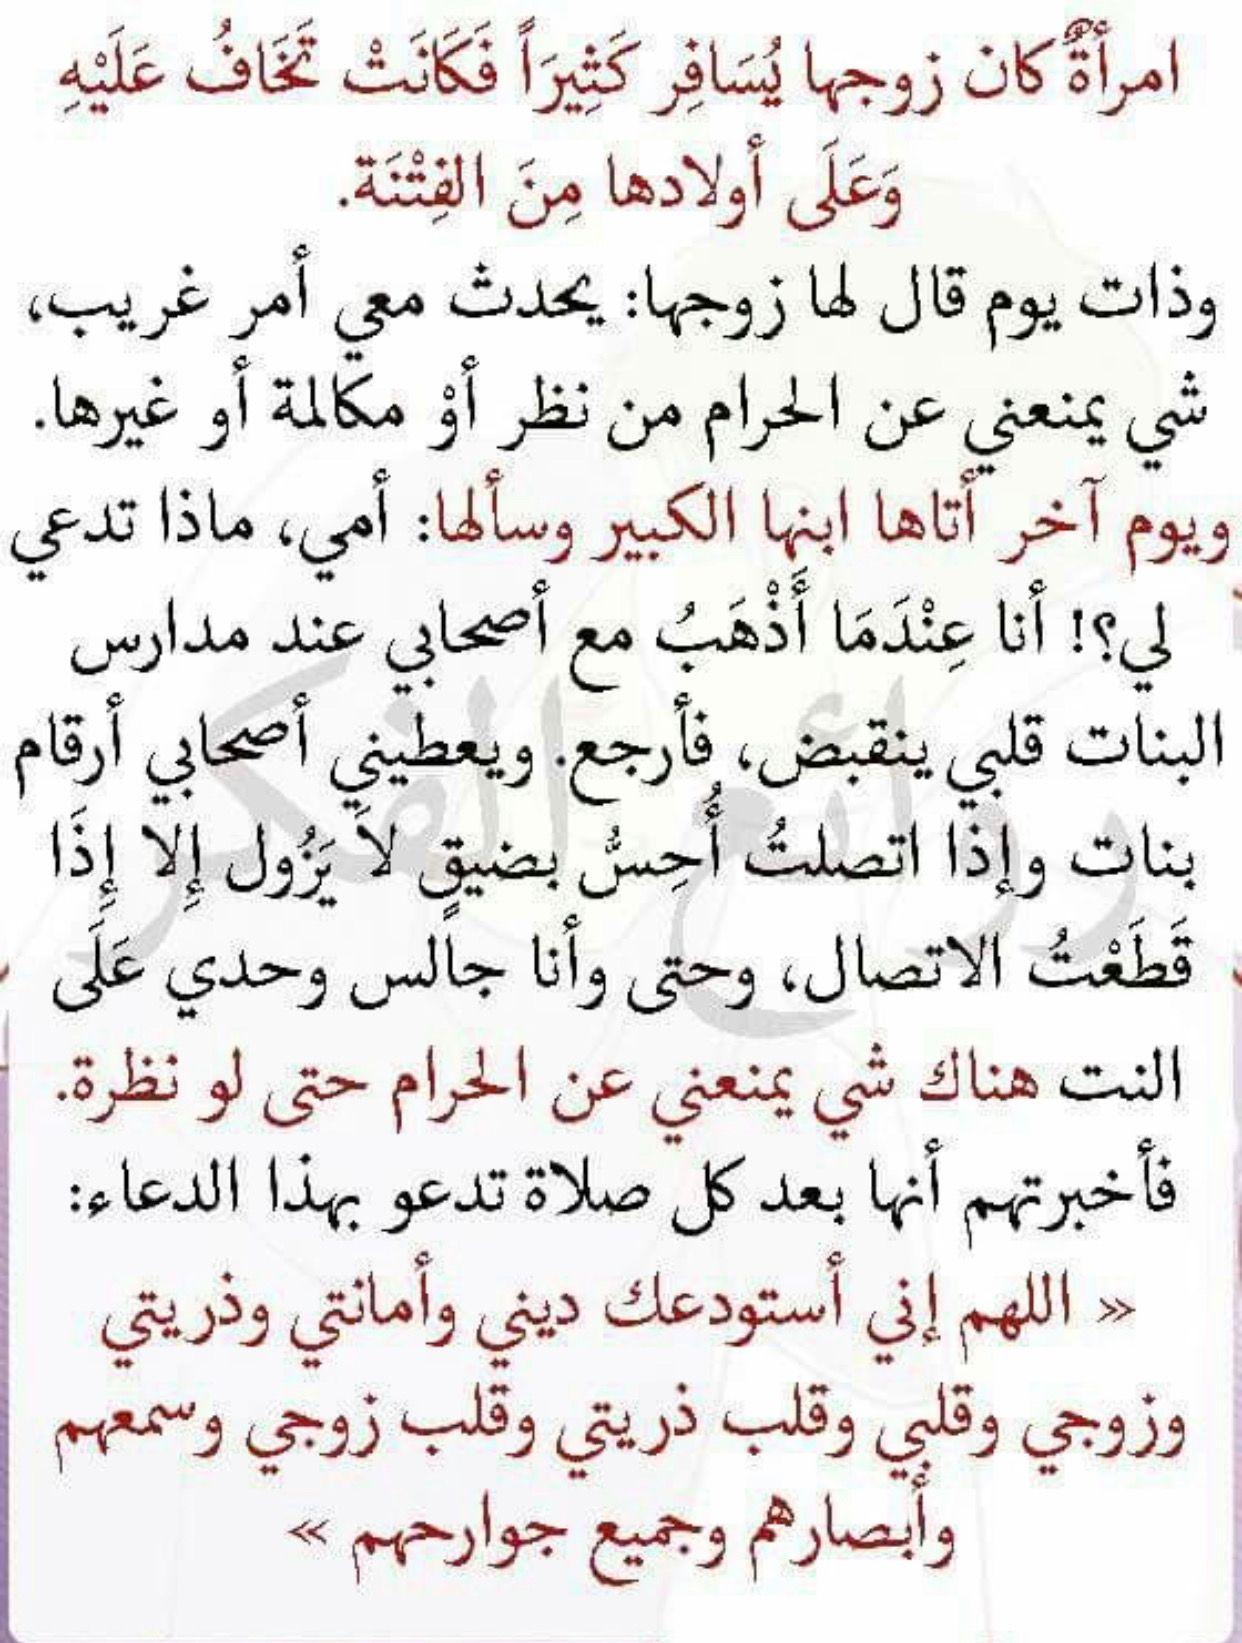 دعاء الزوجة لزوجها دعاء لتسخير الزوج لزوجته احلى كلام